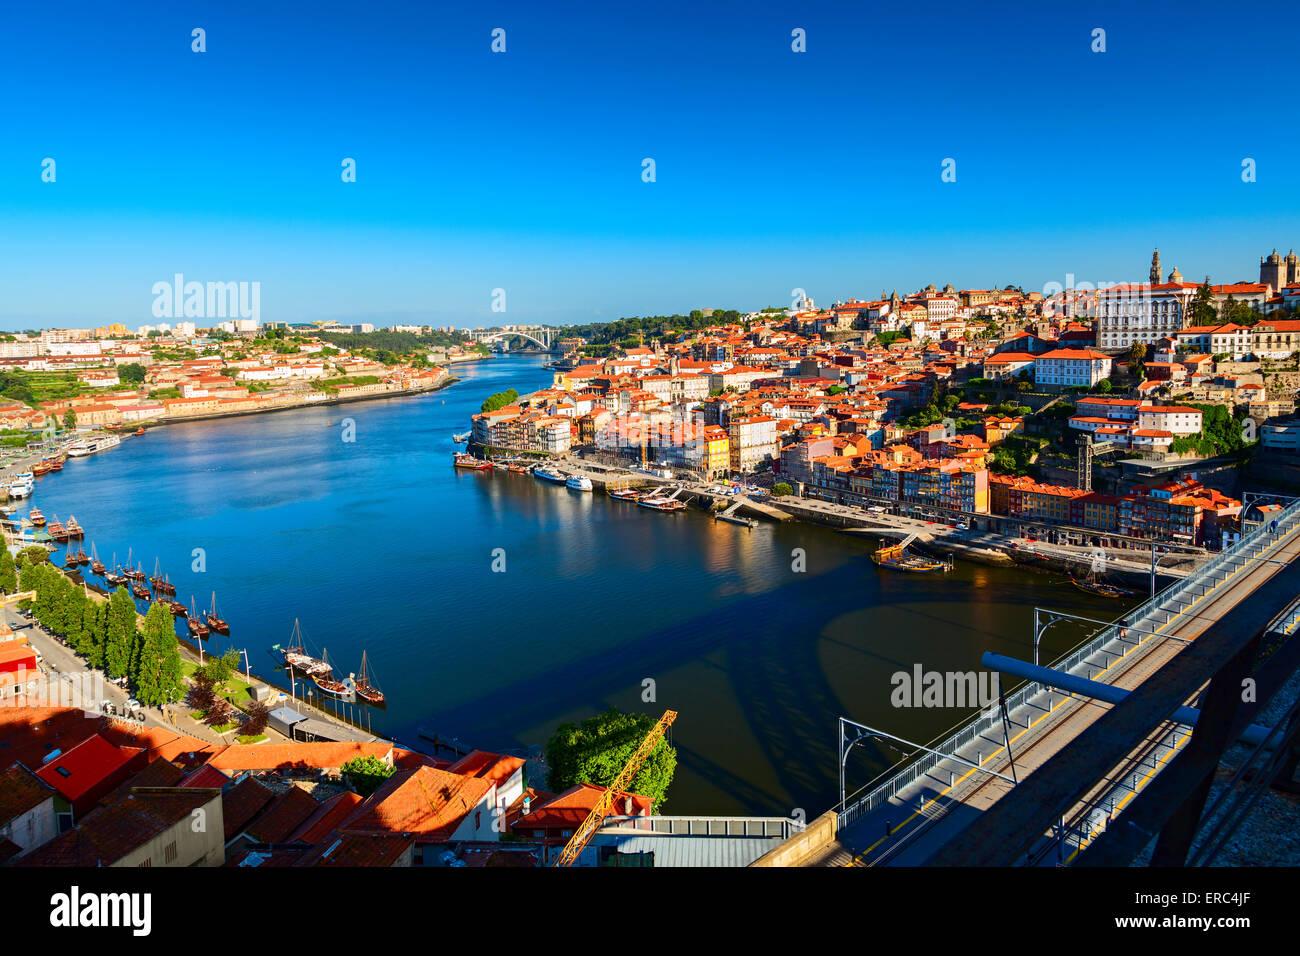 douro river in the city of porto - Stock Image